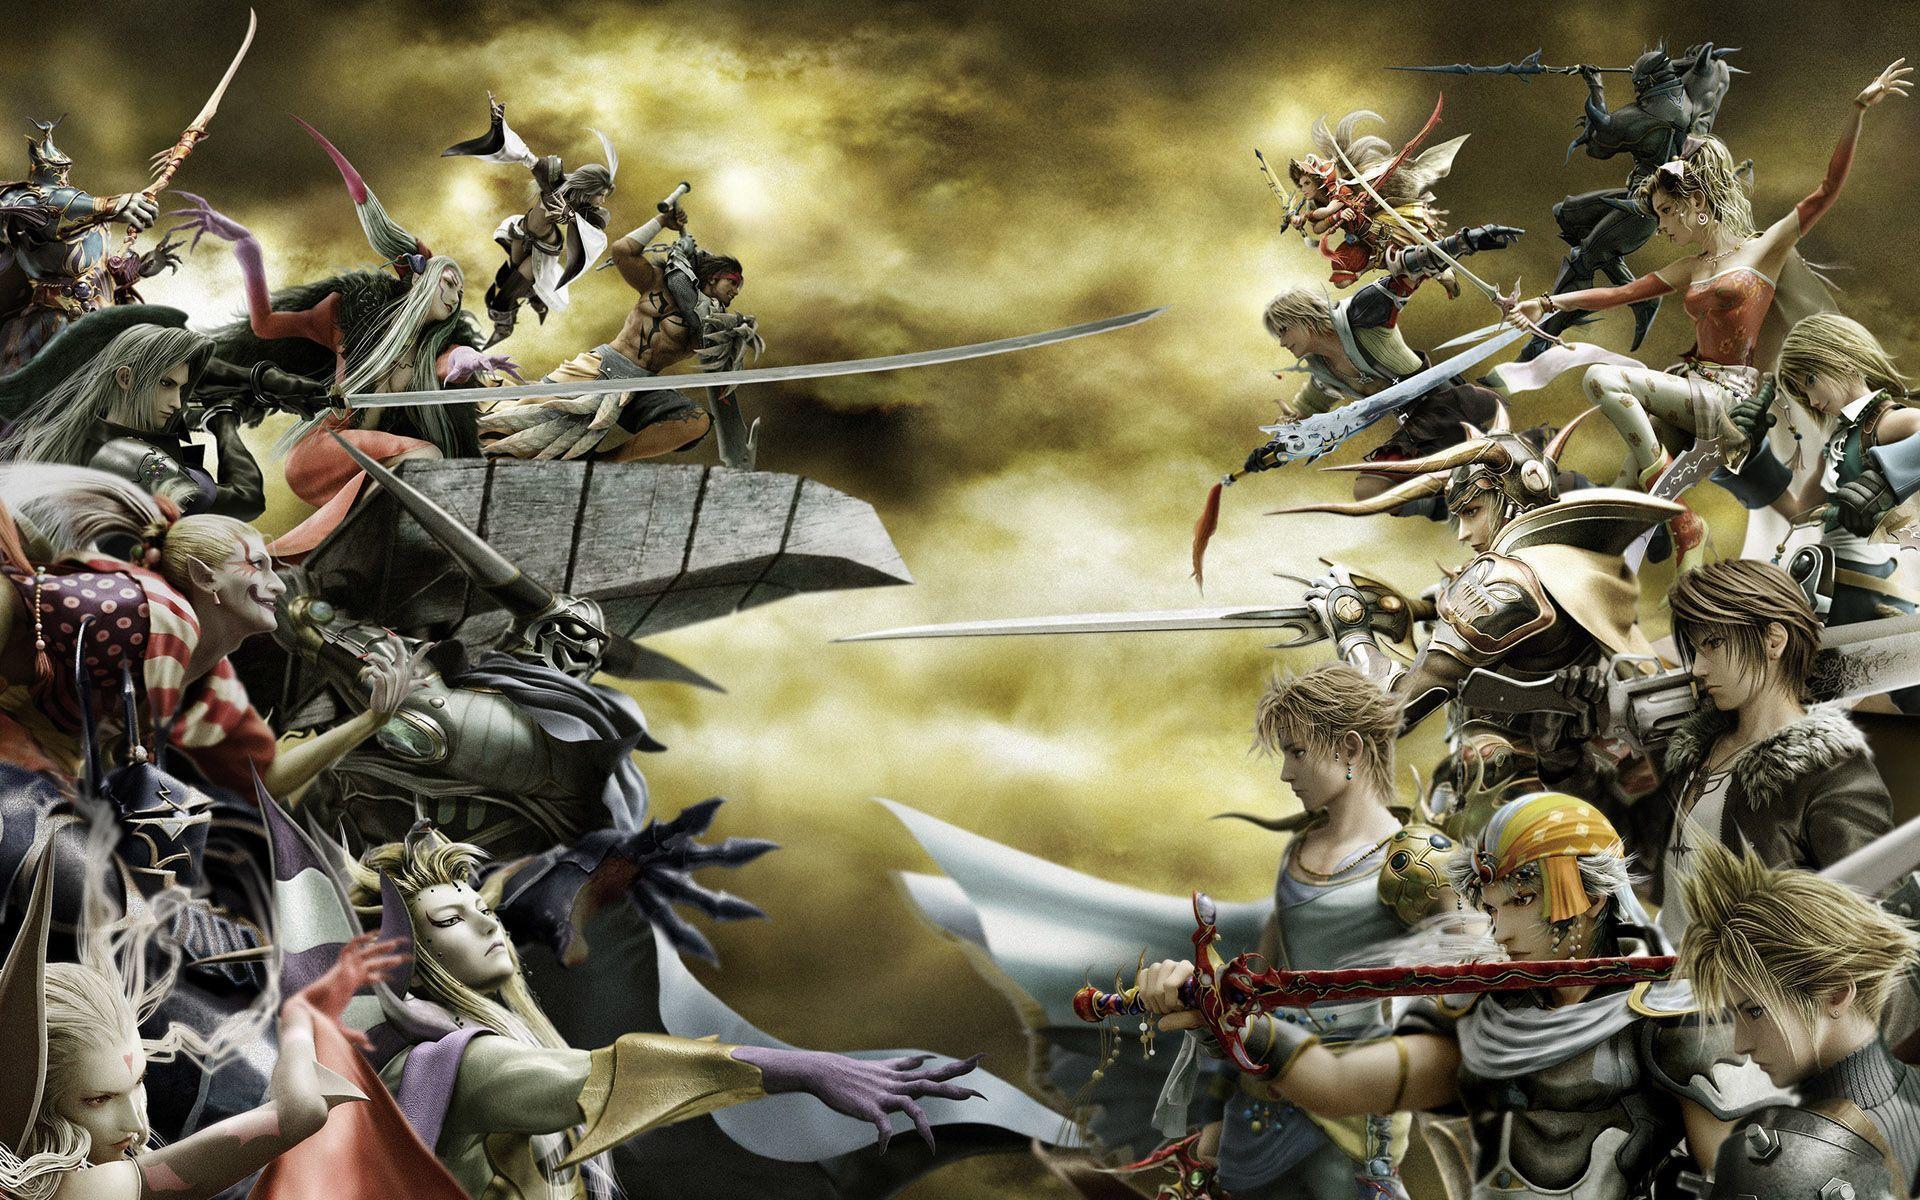 Unduh 84+ Wallpaper Laptop Final Fantasy Gratis Terbaik